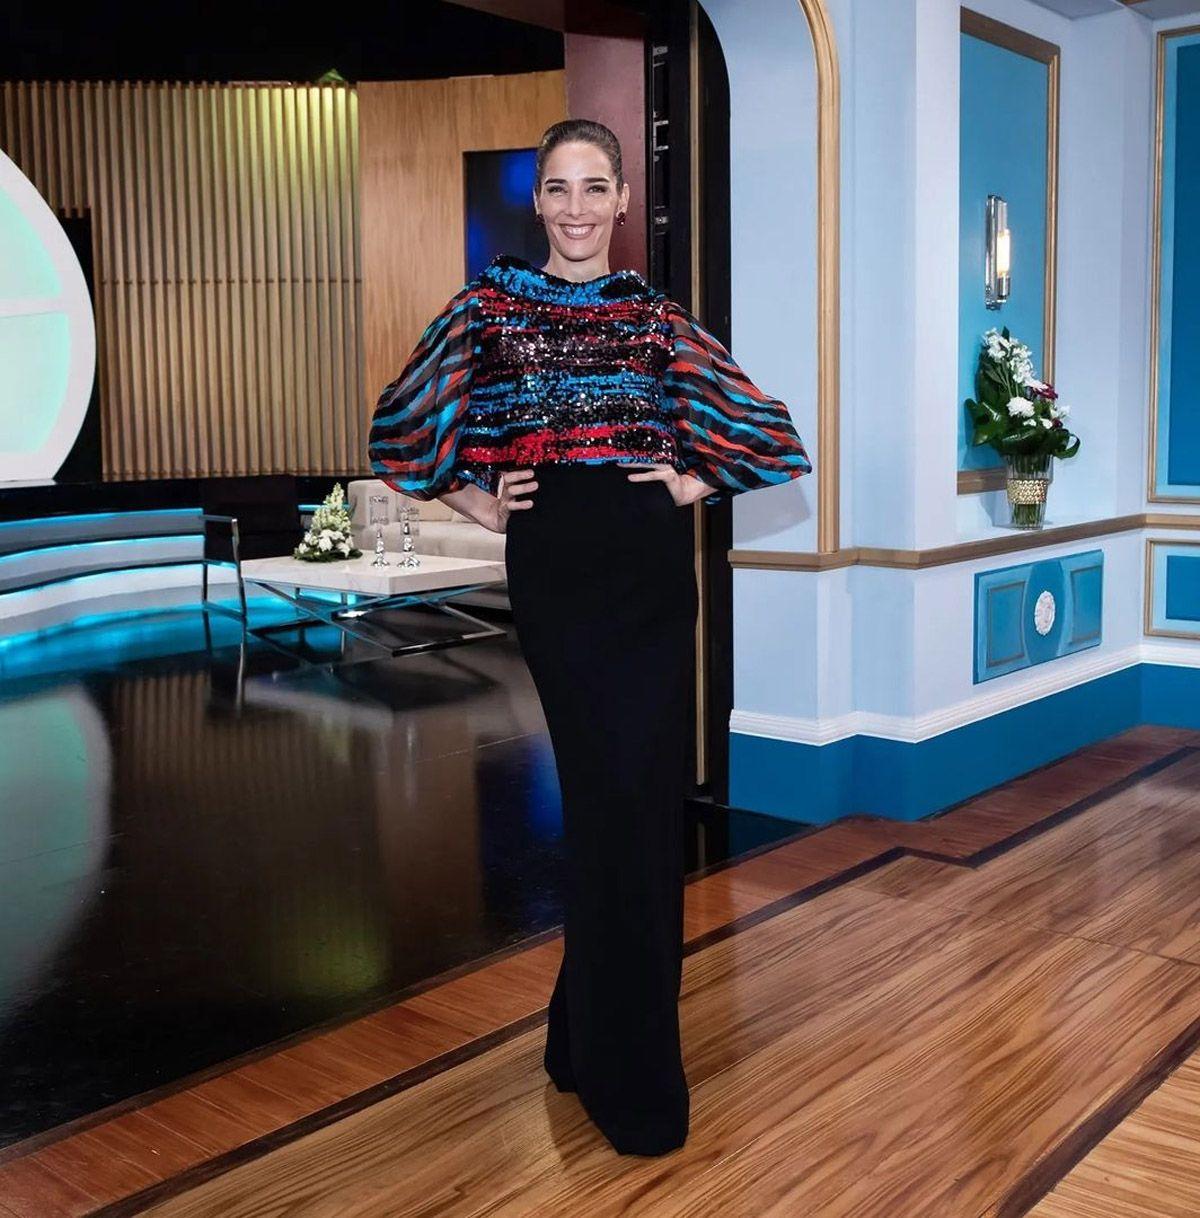 El look de Juana Viale en una nueva edición de La Noche de Mirtha